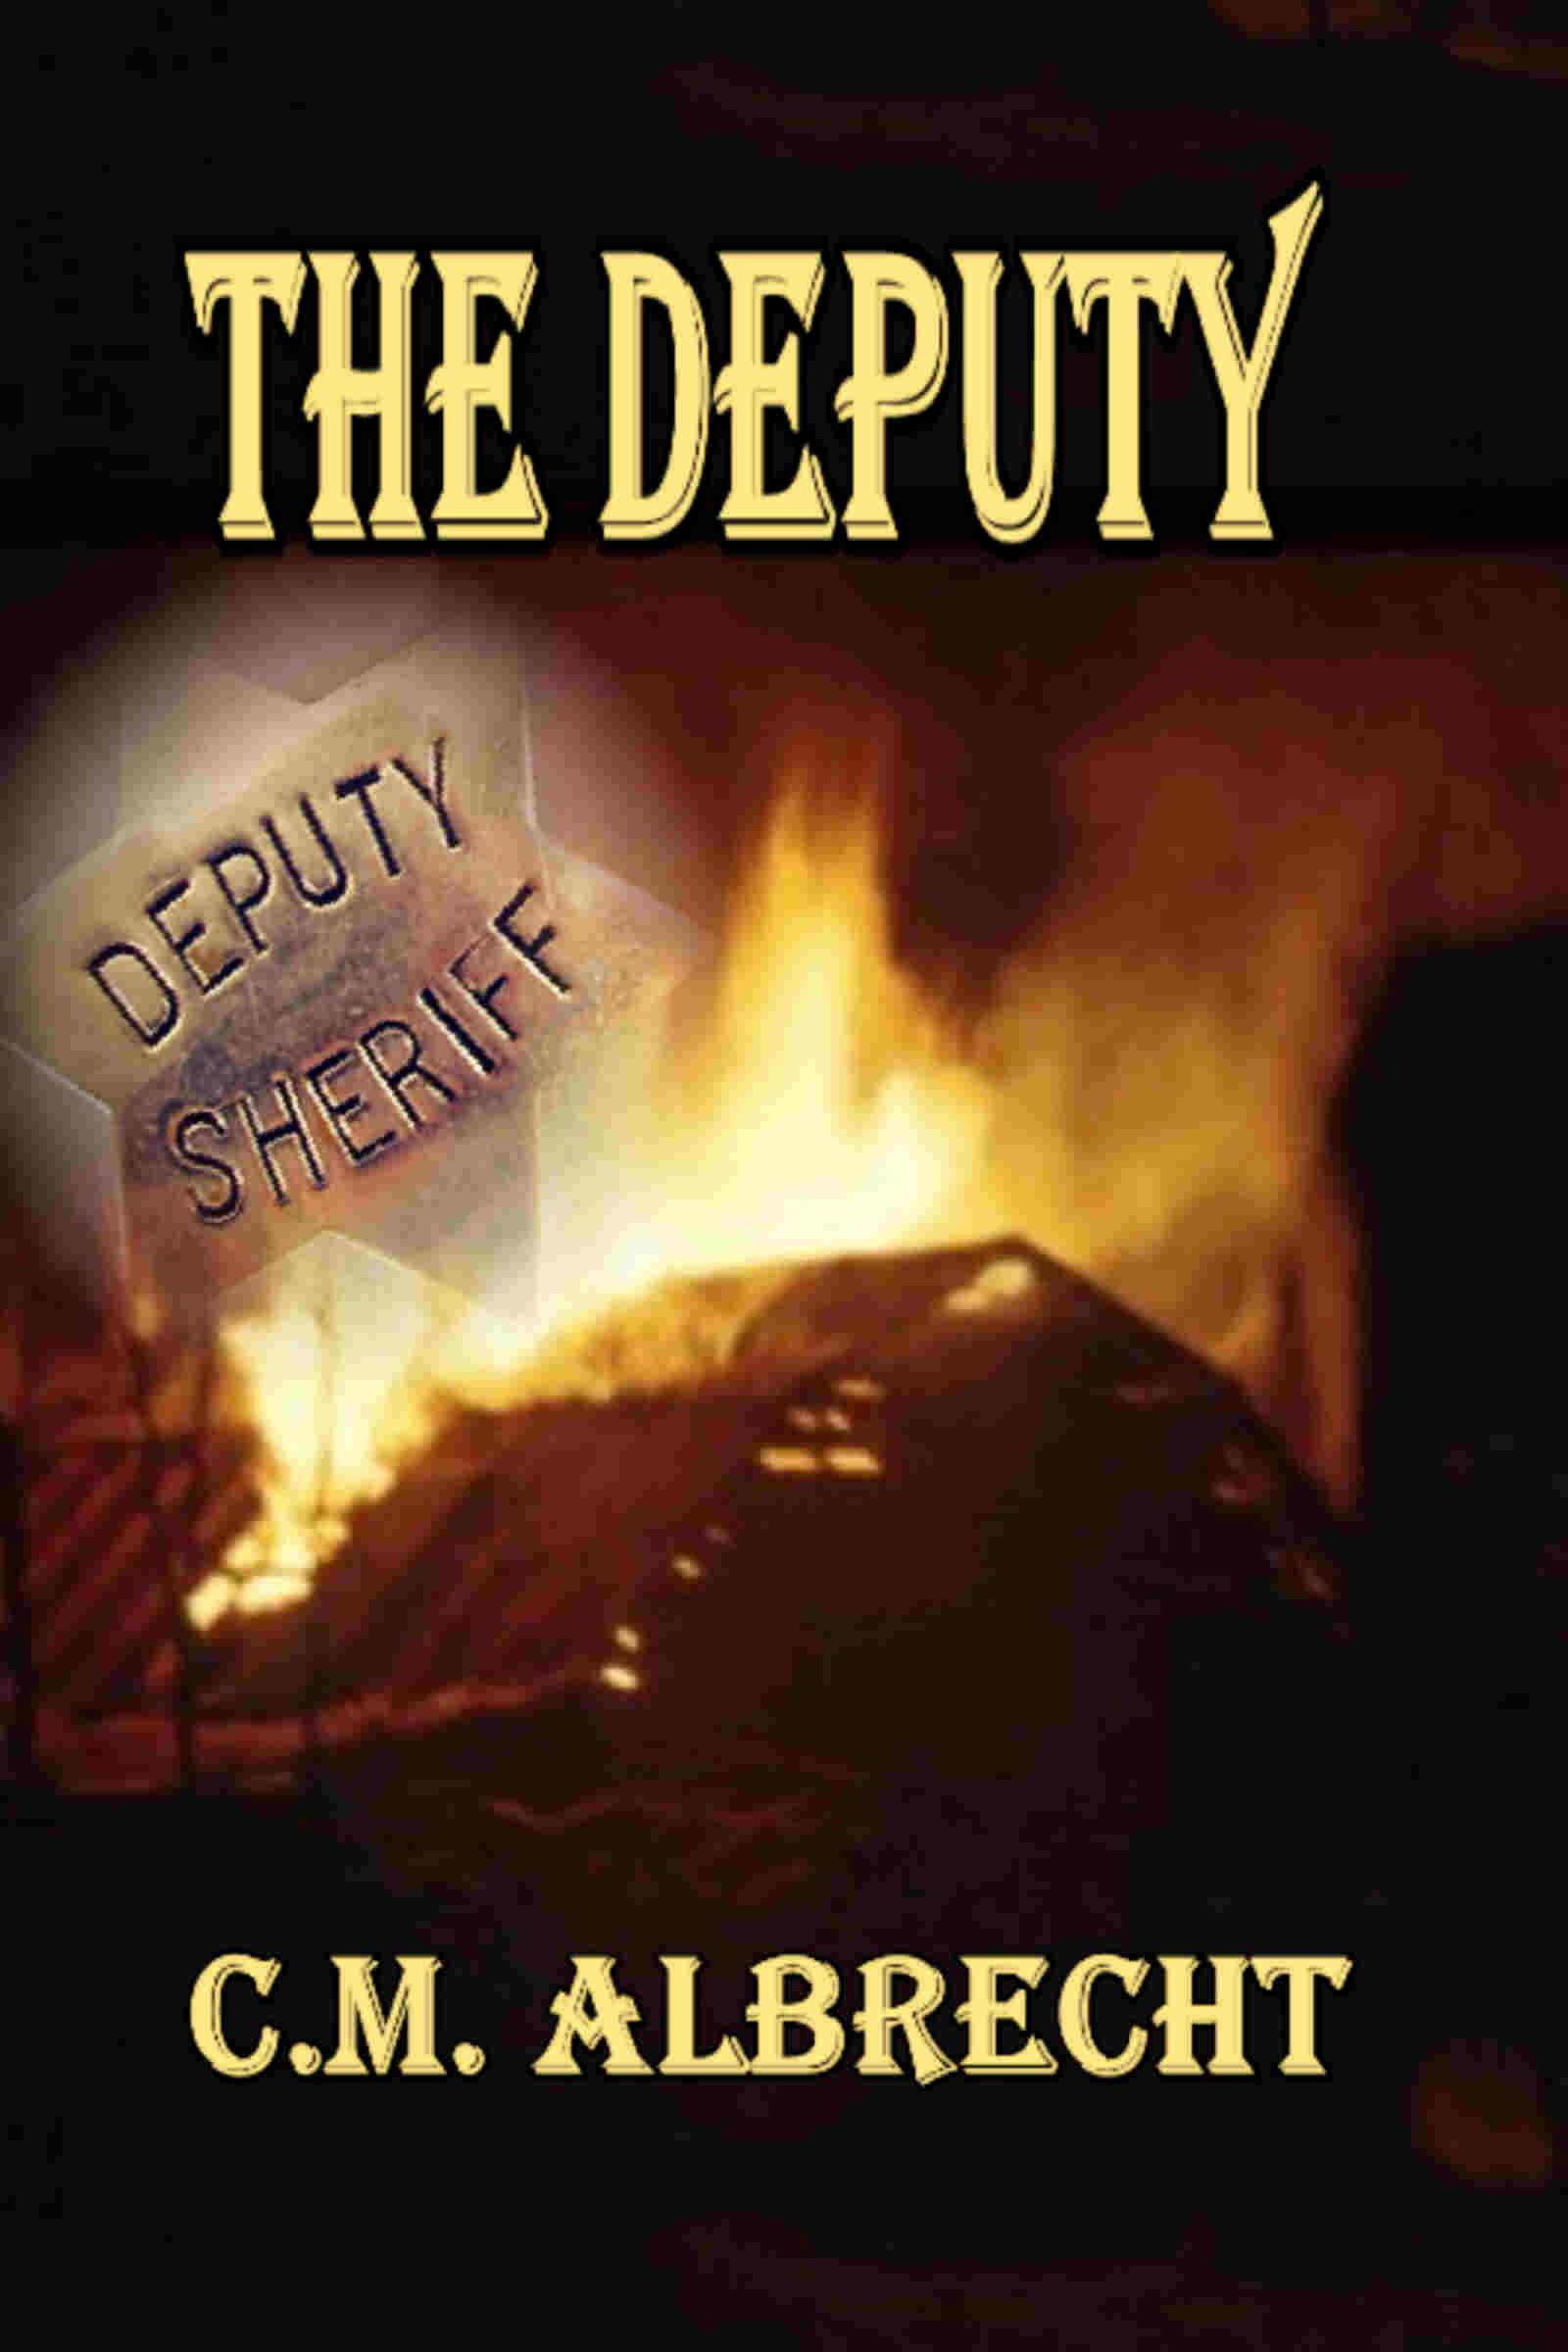 The Deputy C.M. Albrecht